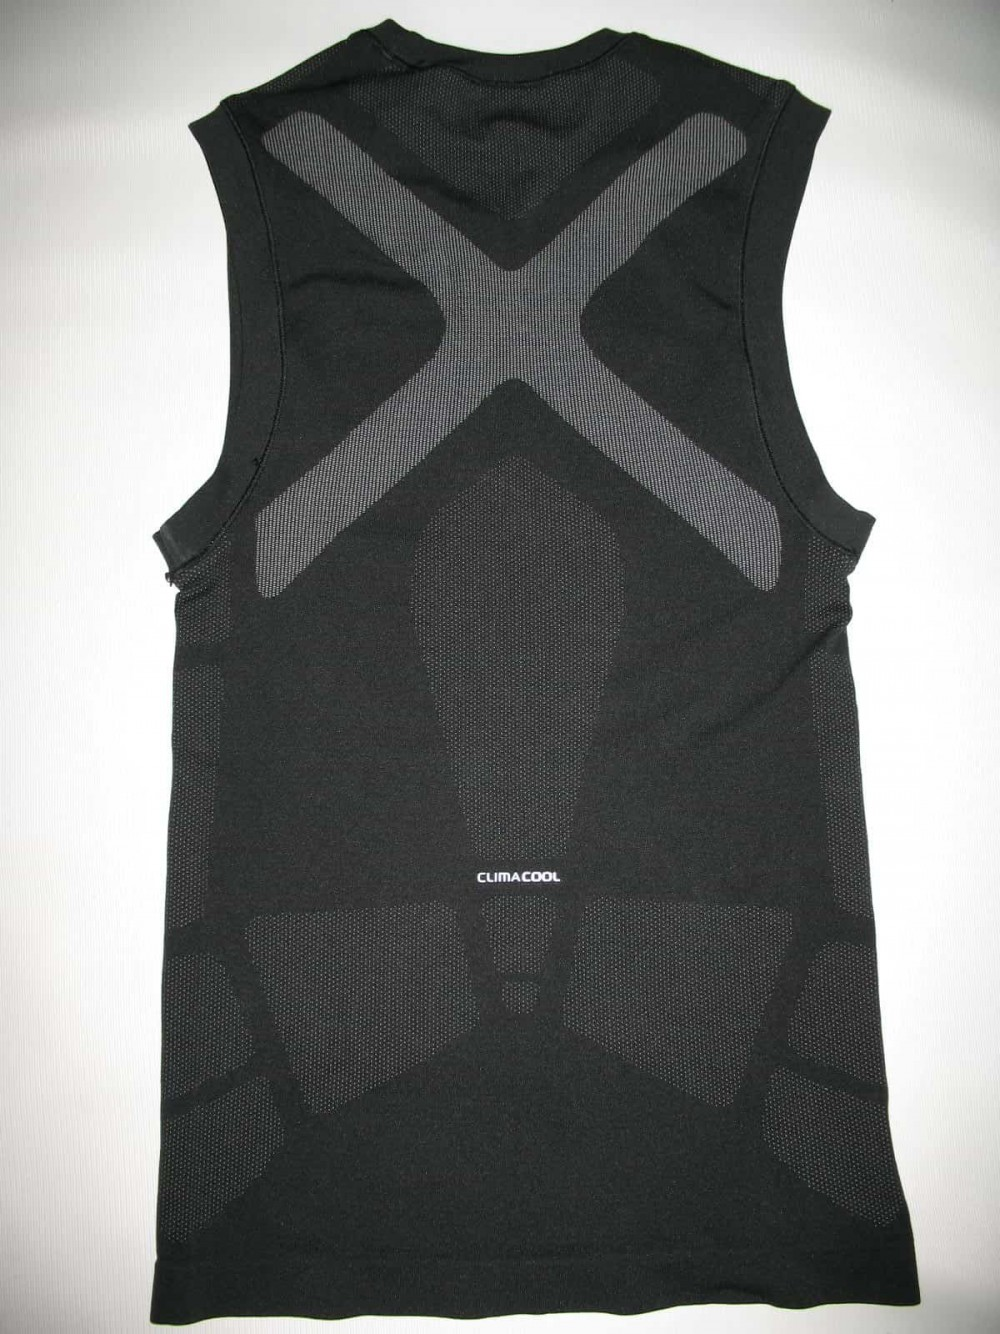 ADIDAS techfit ss jersey (размер S) - 1